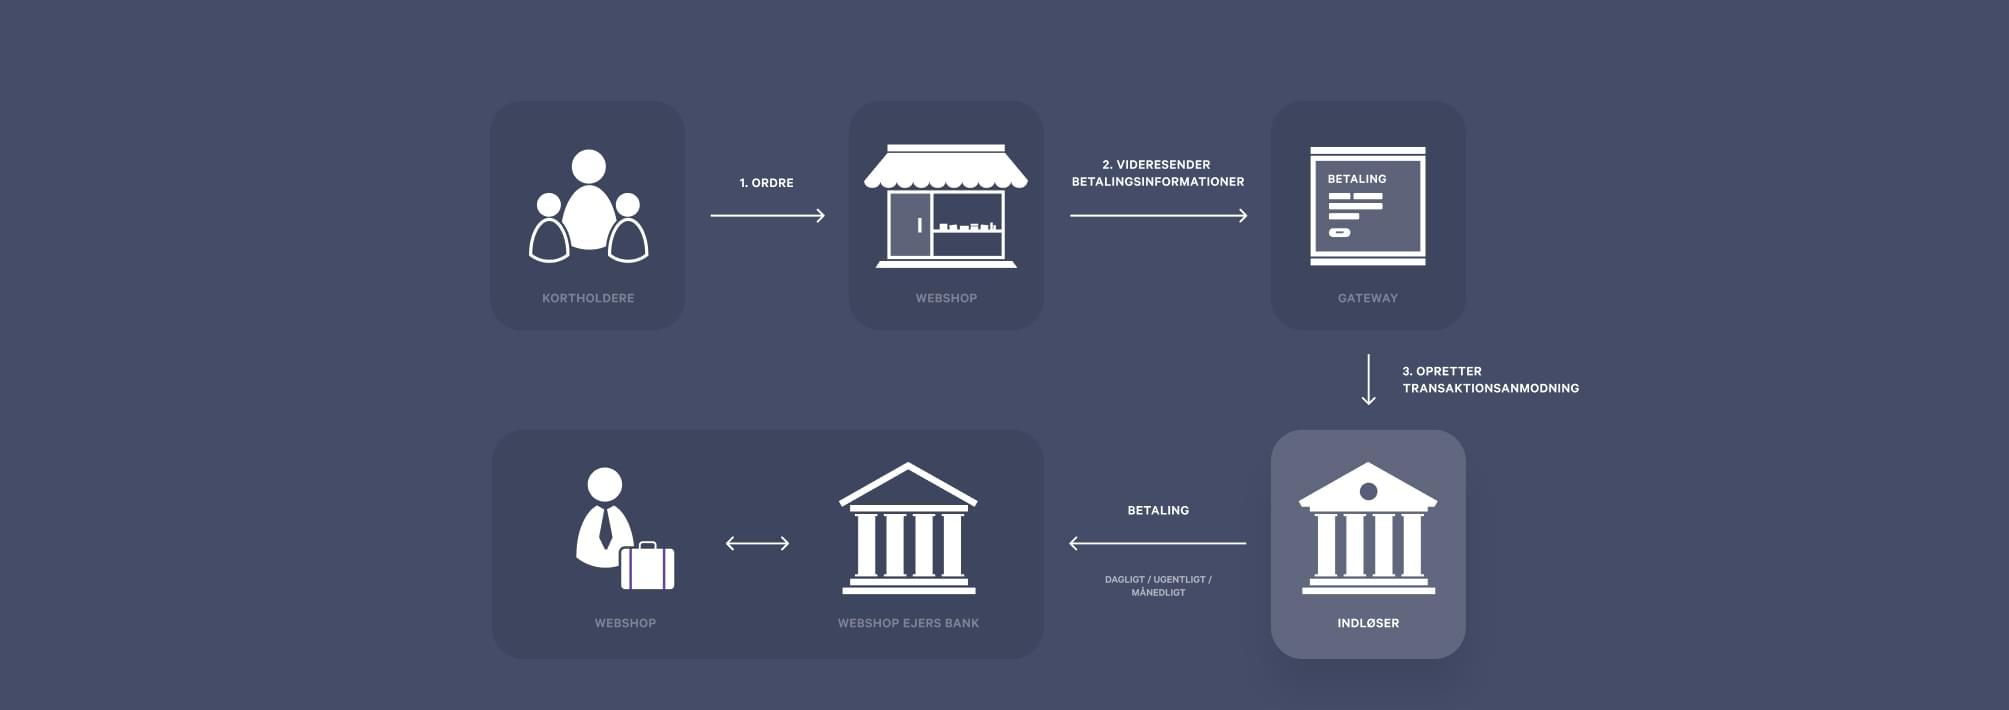 four party scheme: de forskellige partner involveret i behandlingen af en onlinetransaktion